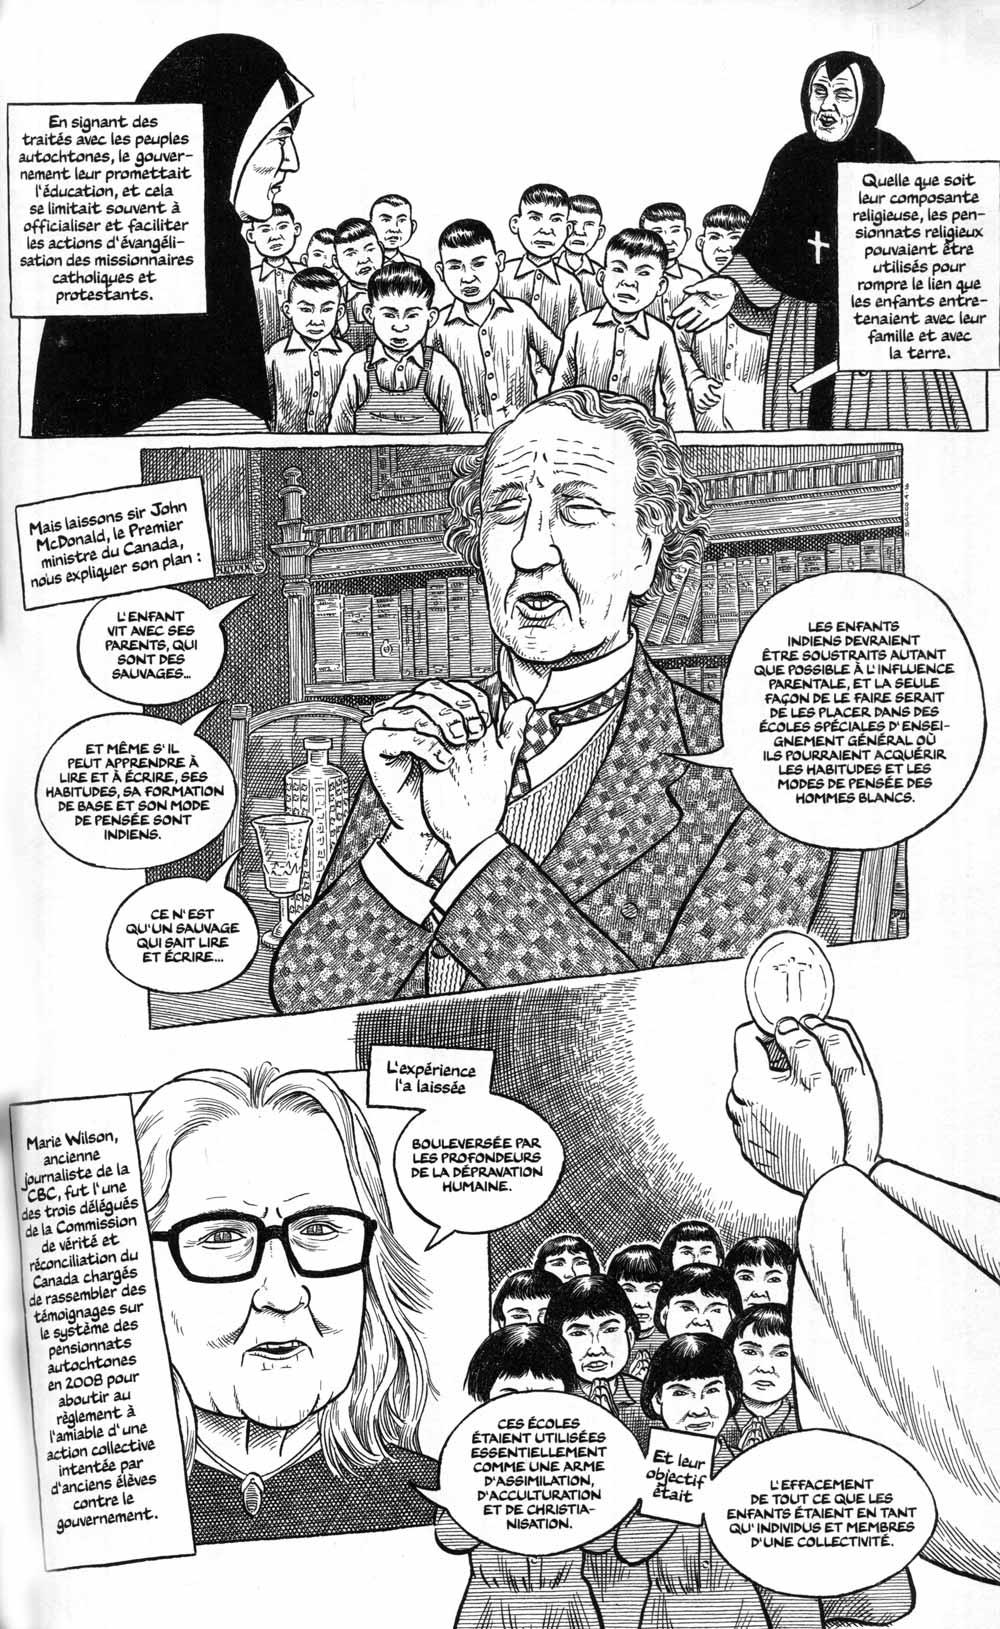 Fig. 7. Missionaires et pensionnats. © Sacco 2020.